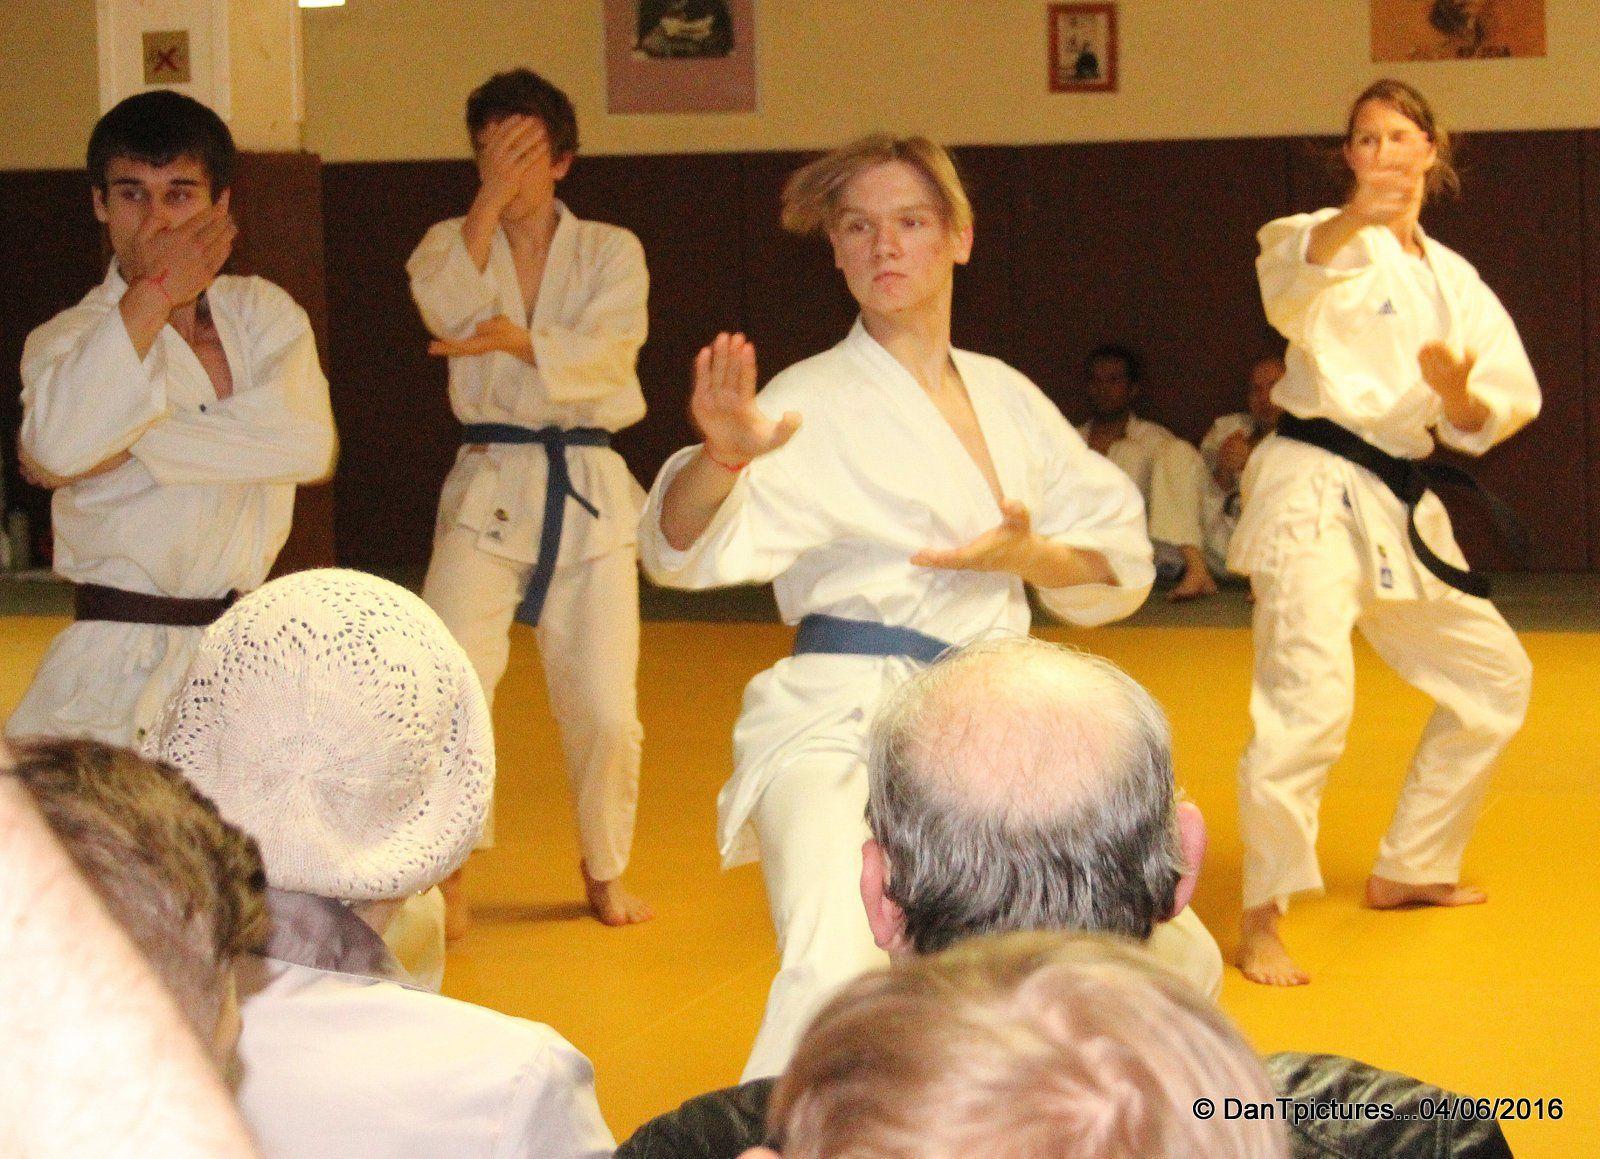 Le Shotokan karaté club de Joinville-le-Pont fait son show